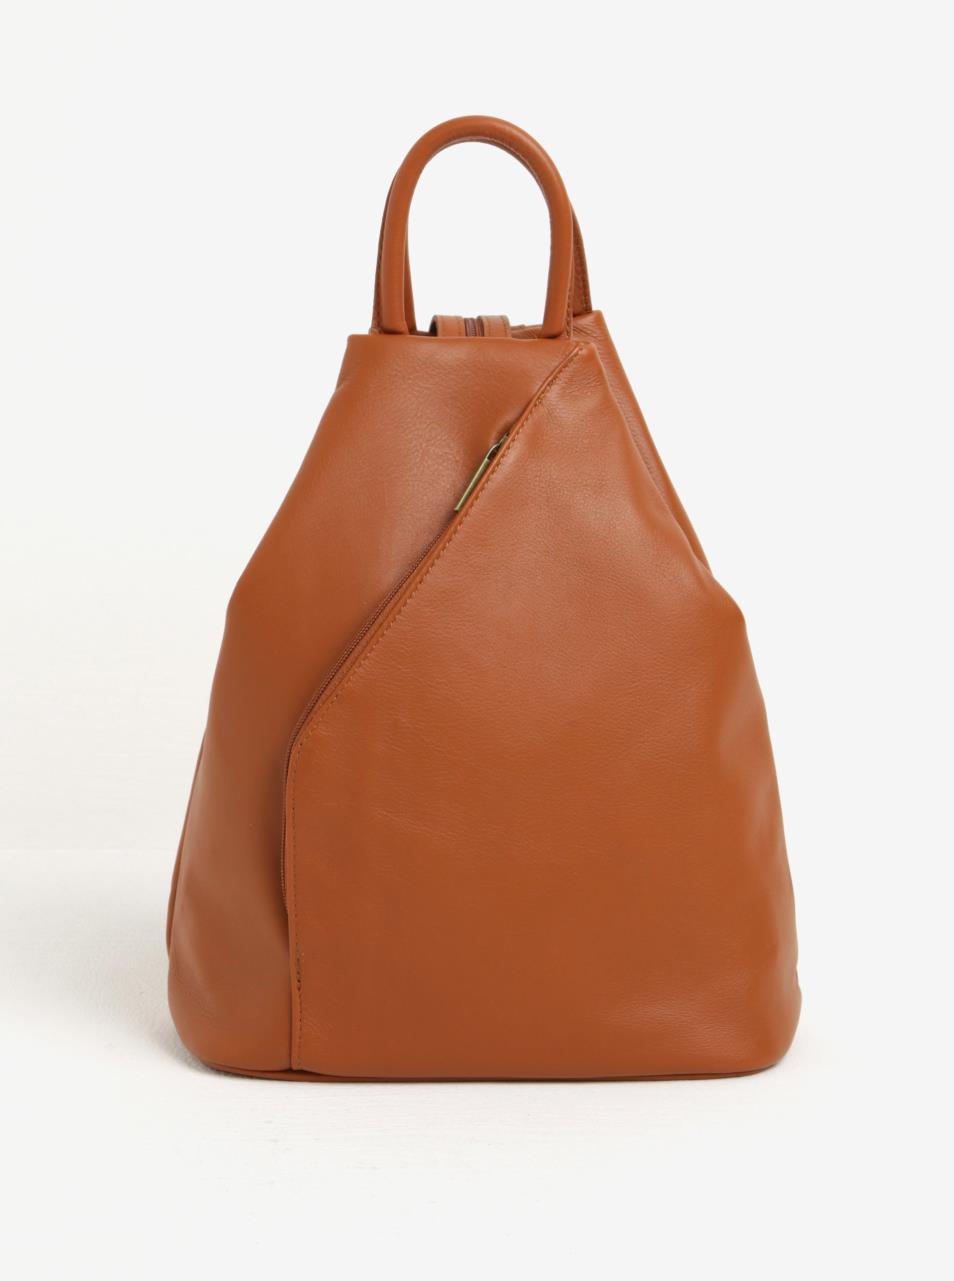 27067a526332 Hnědý dámský kožený batoh KARA